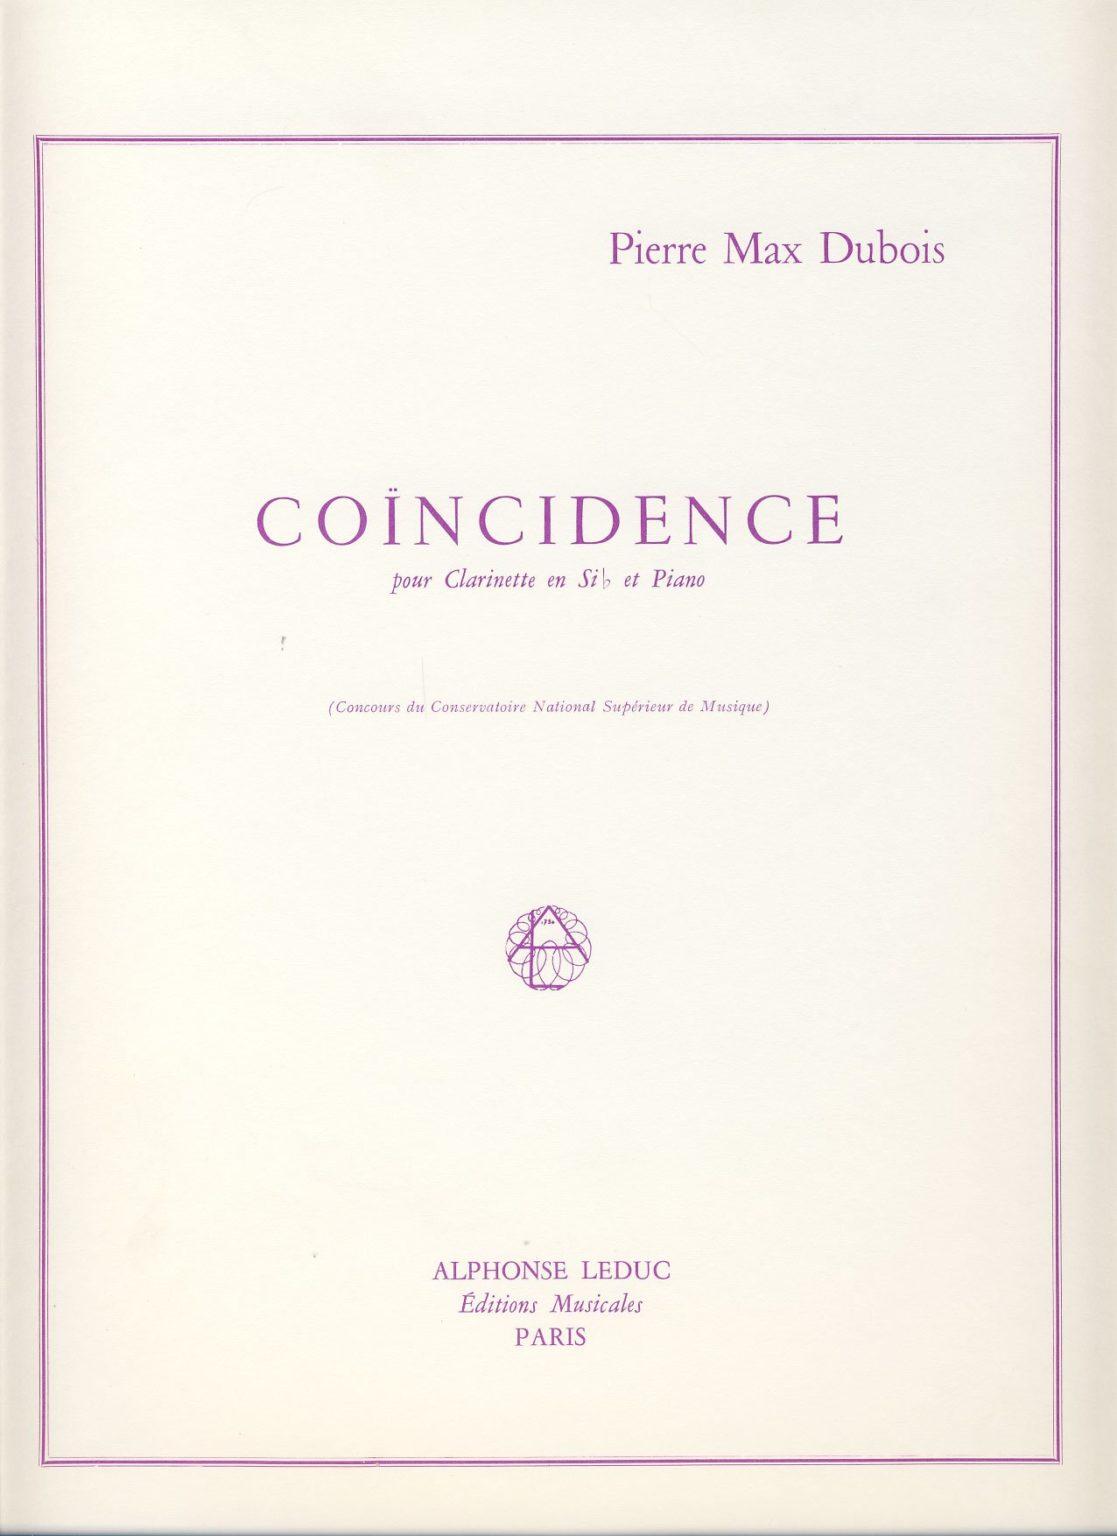 Coincidence(1977)para clarinete y piano. PierreMax Dubois